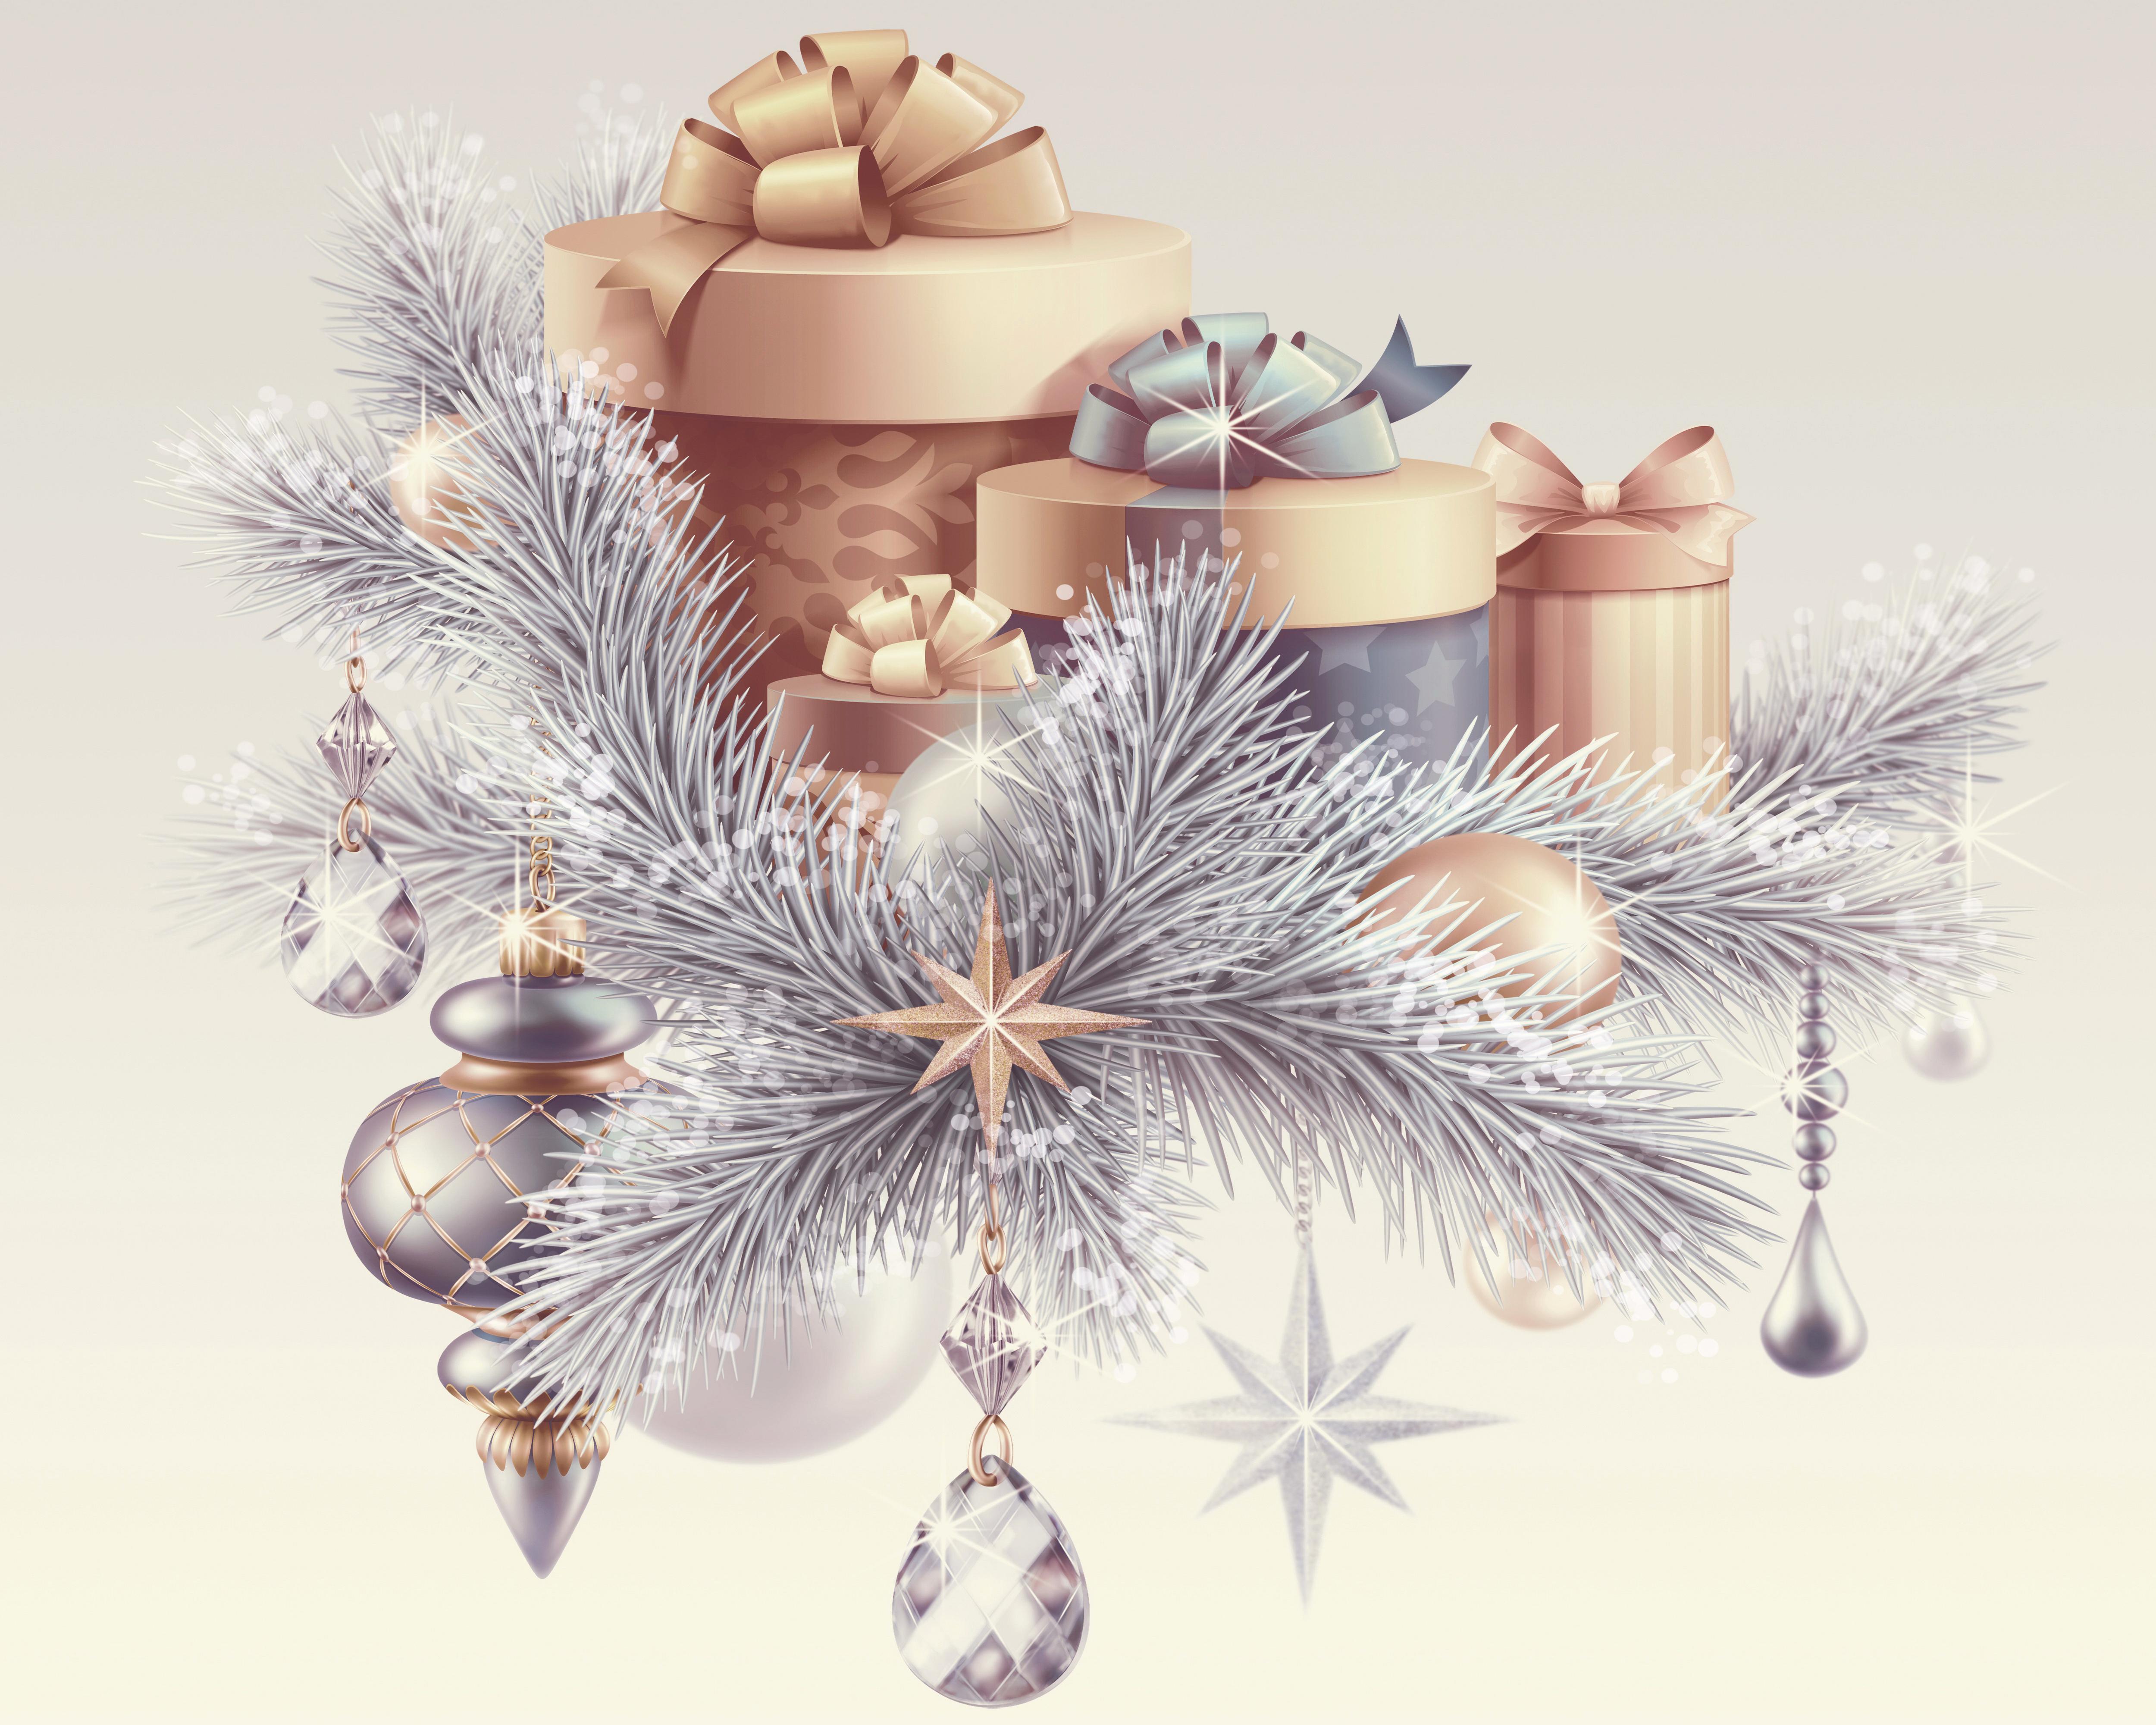 Картинка: Подарки, ель, веточки, Новый год, звёздочки, украшения